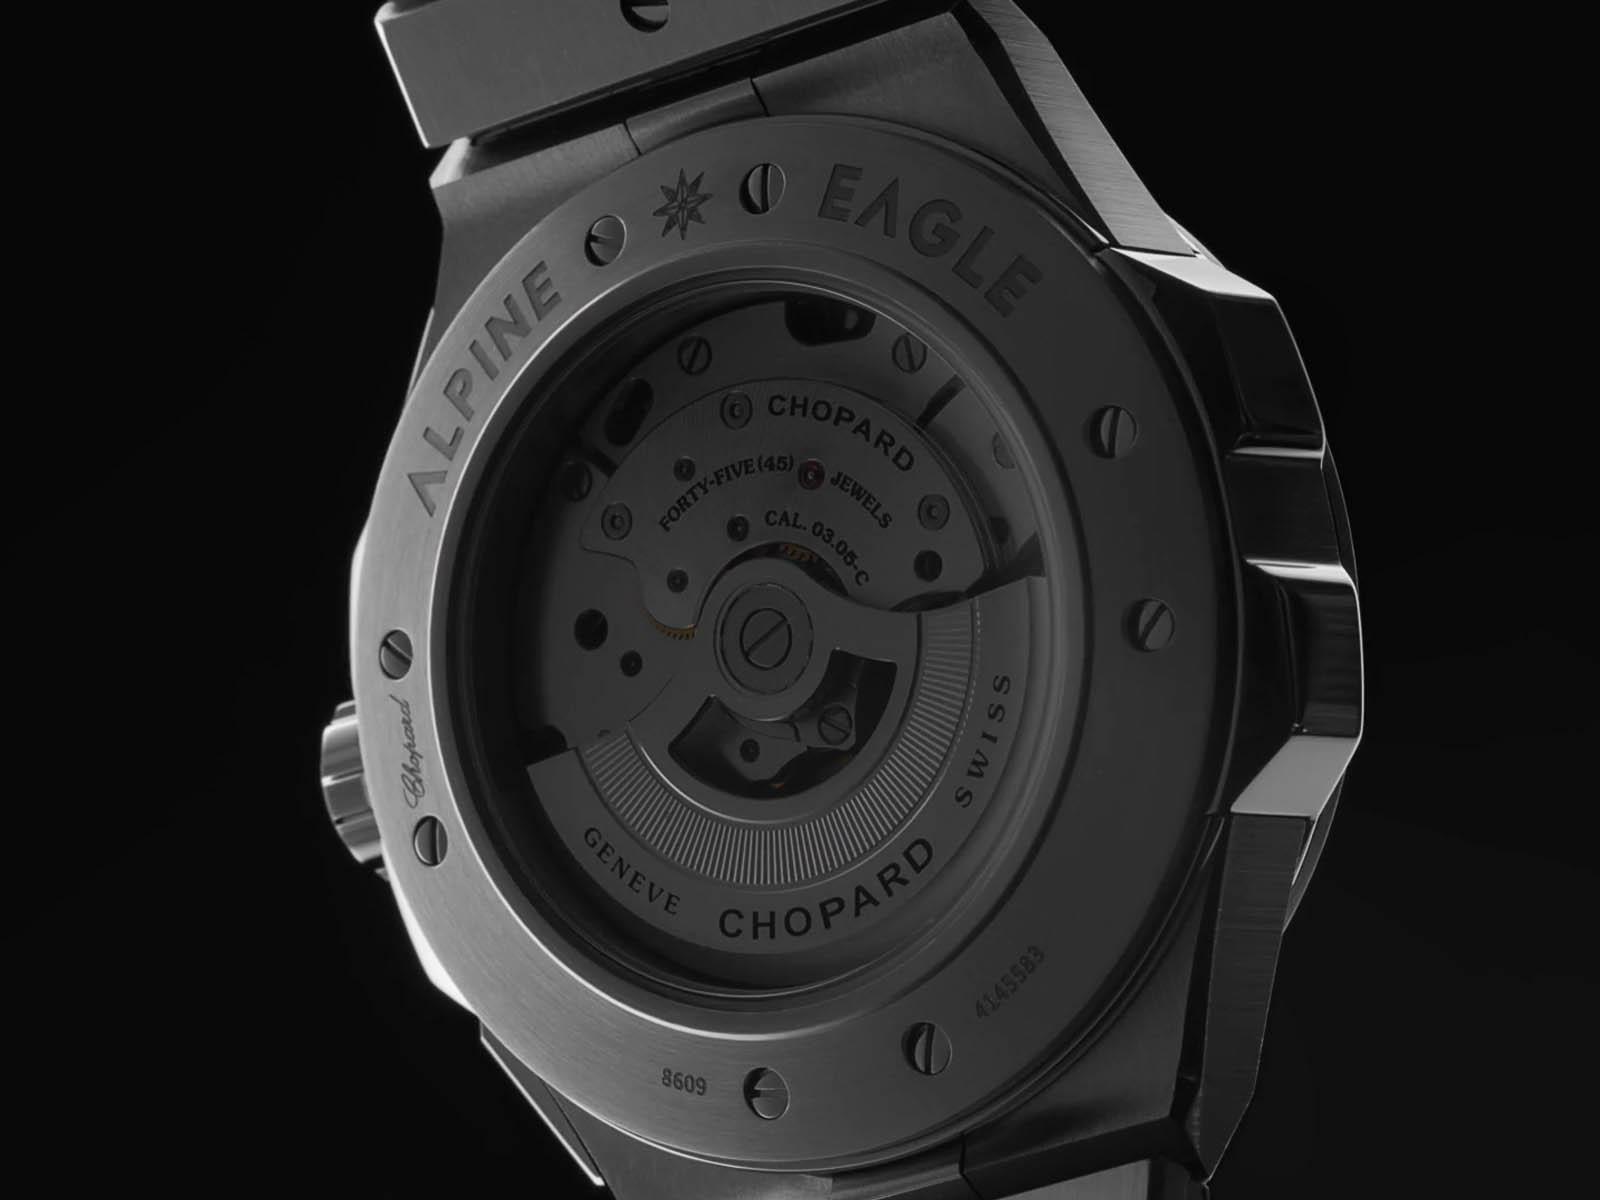 chopard-alpine-eagle-xl-chrono-2.jpg